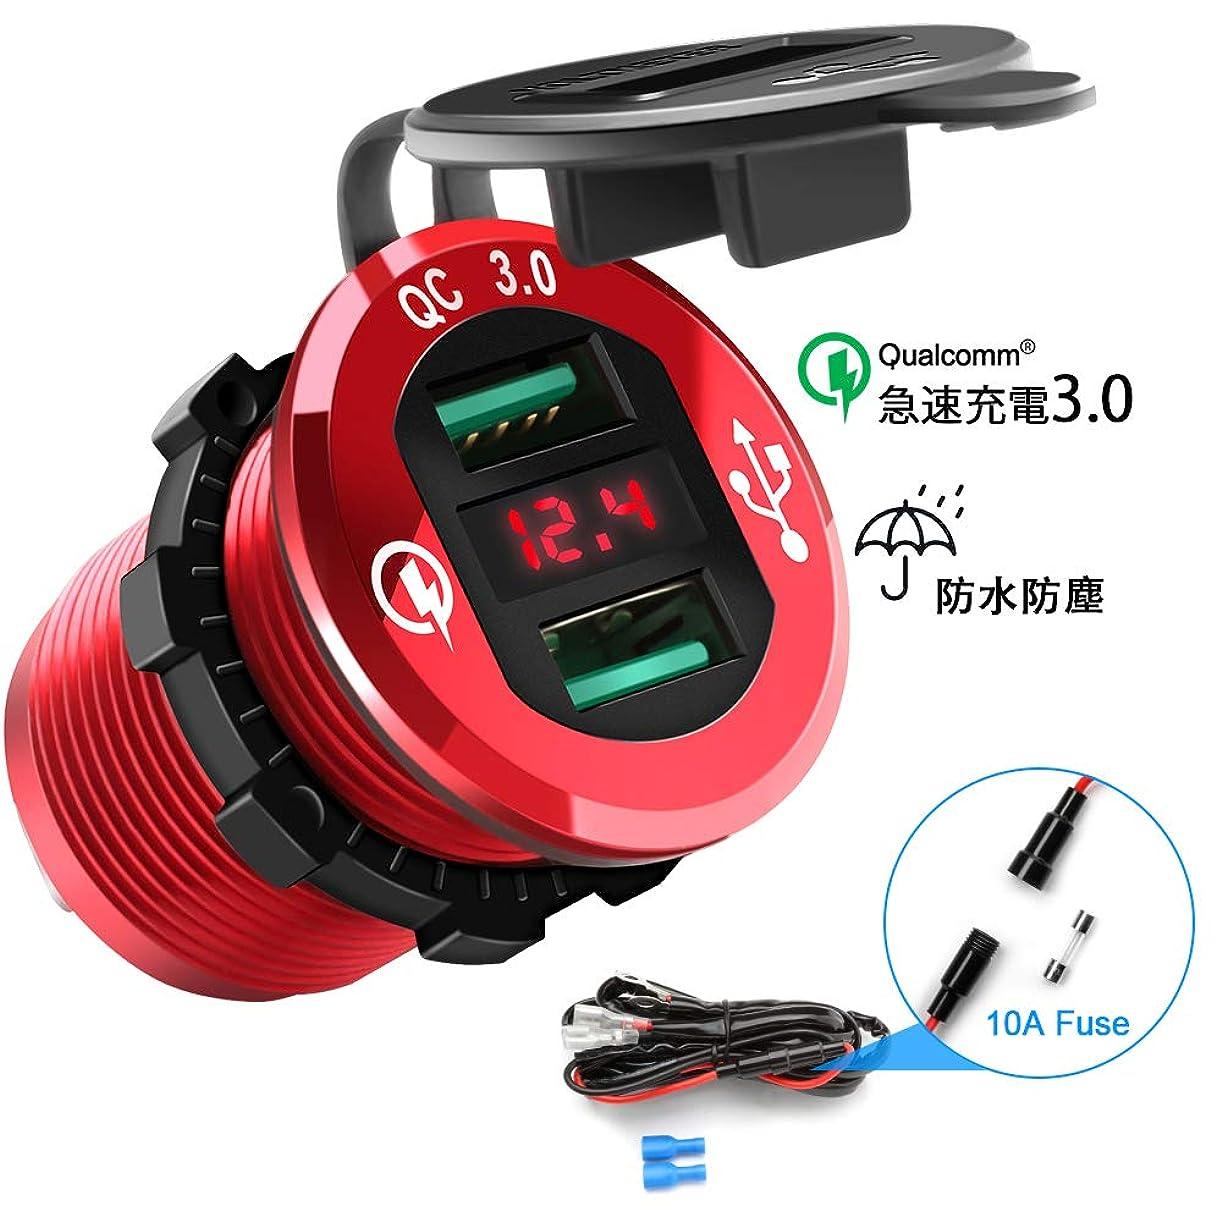 生産的個人刈り取るデュアルQC3.0 USBカーチャージャー、Opluzは 車載 電圧計、12V / 24Vカー、ボート、マリン、RV、オートバイ用の4.8V USBカーソケットx2と防水電源コンセントを急速充電します、10AヒューズDIYカーキット